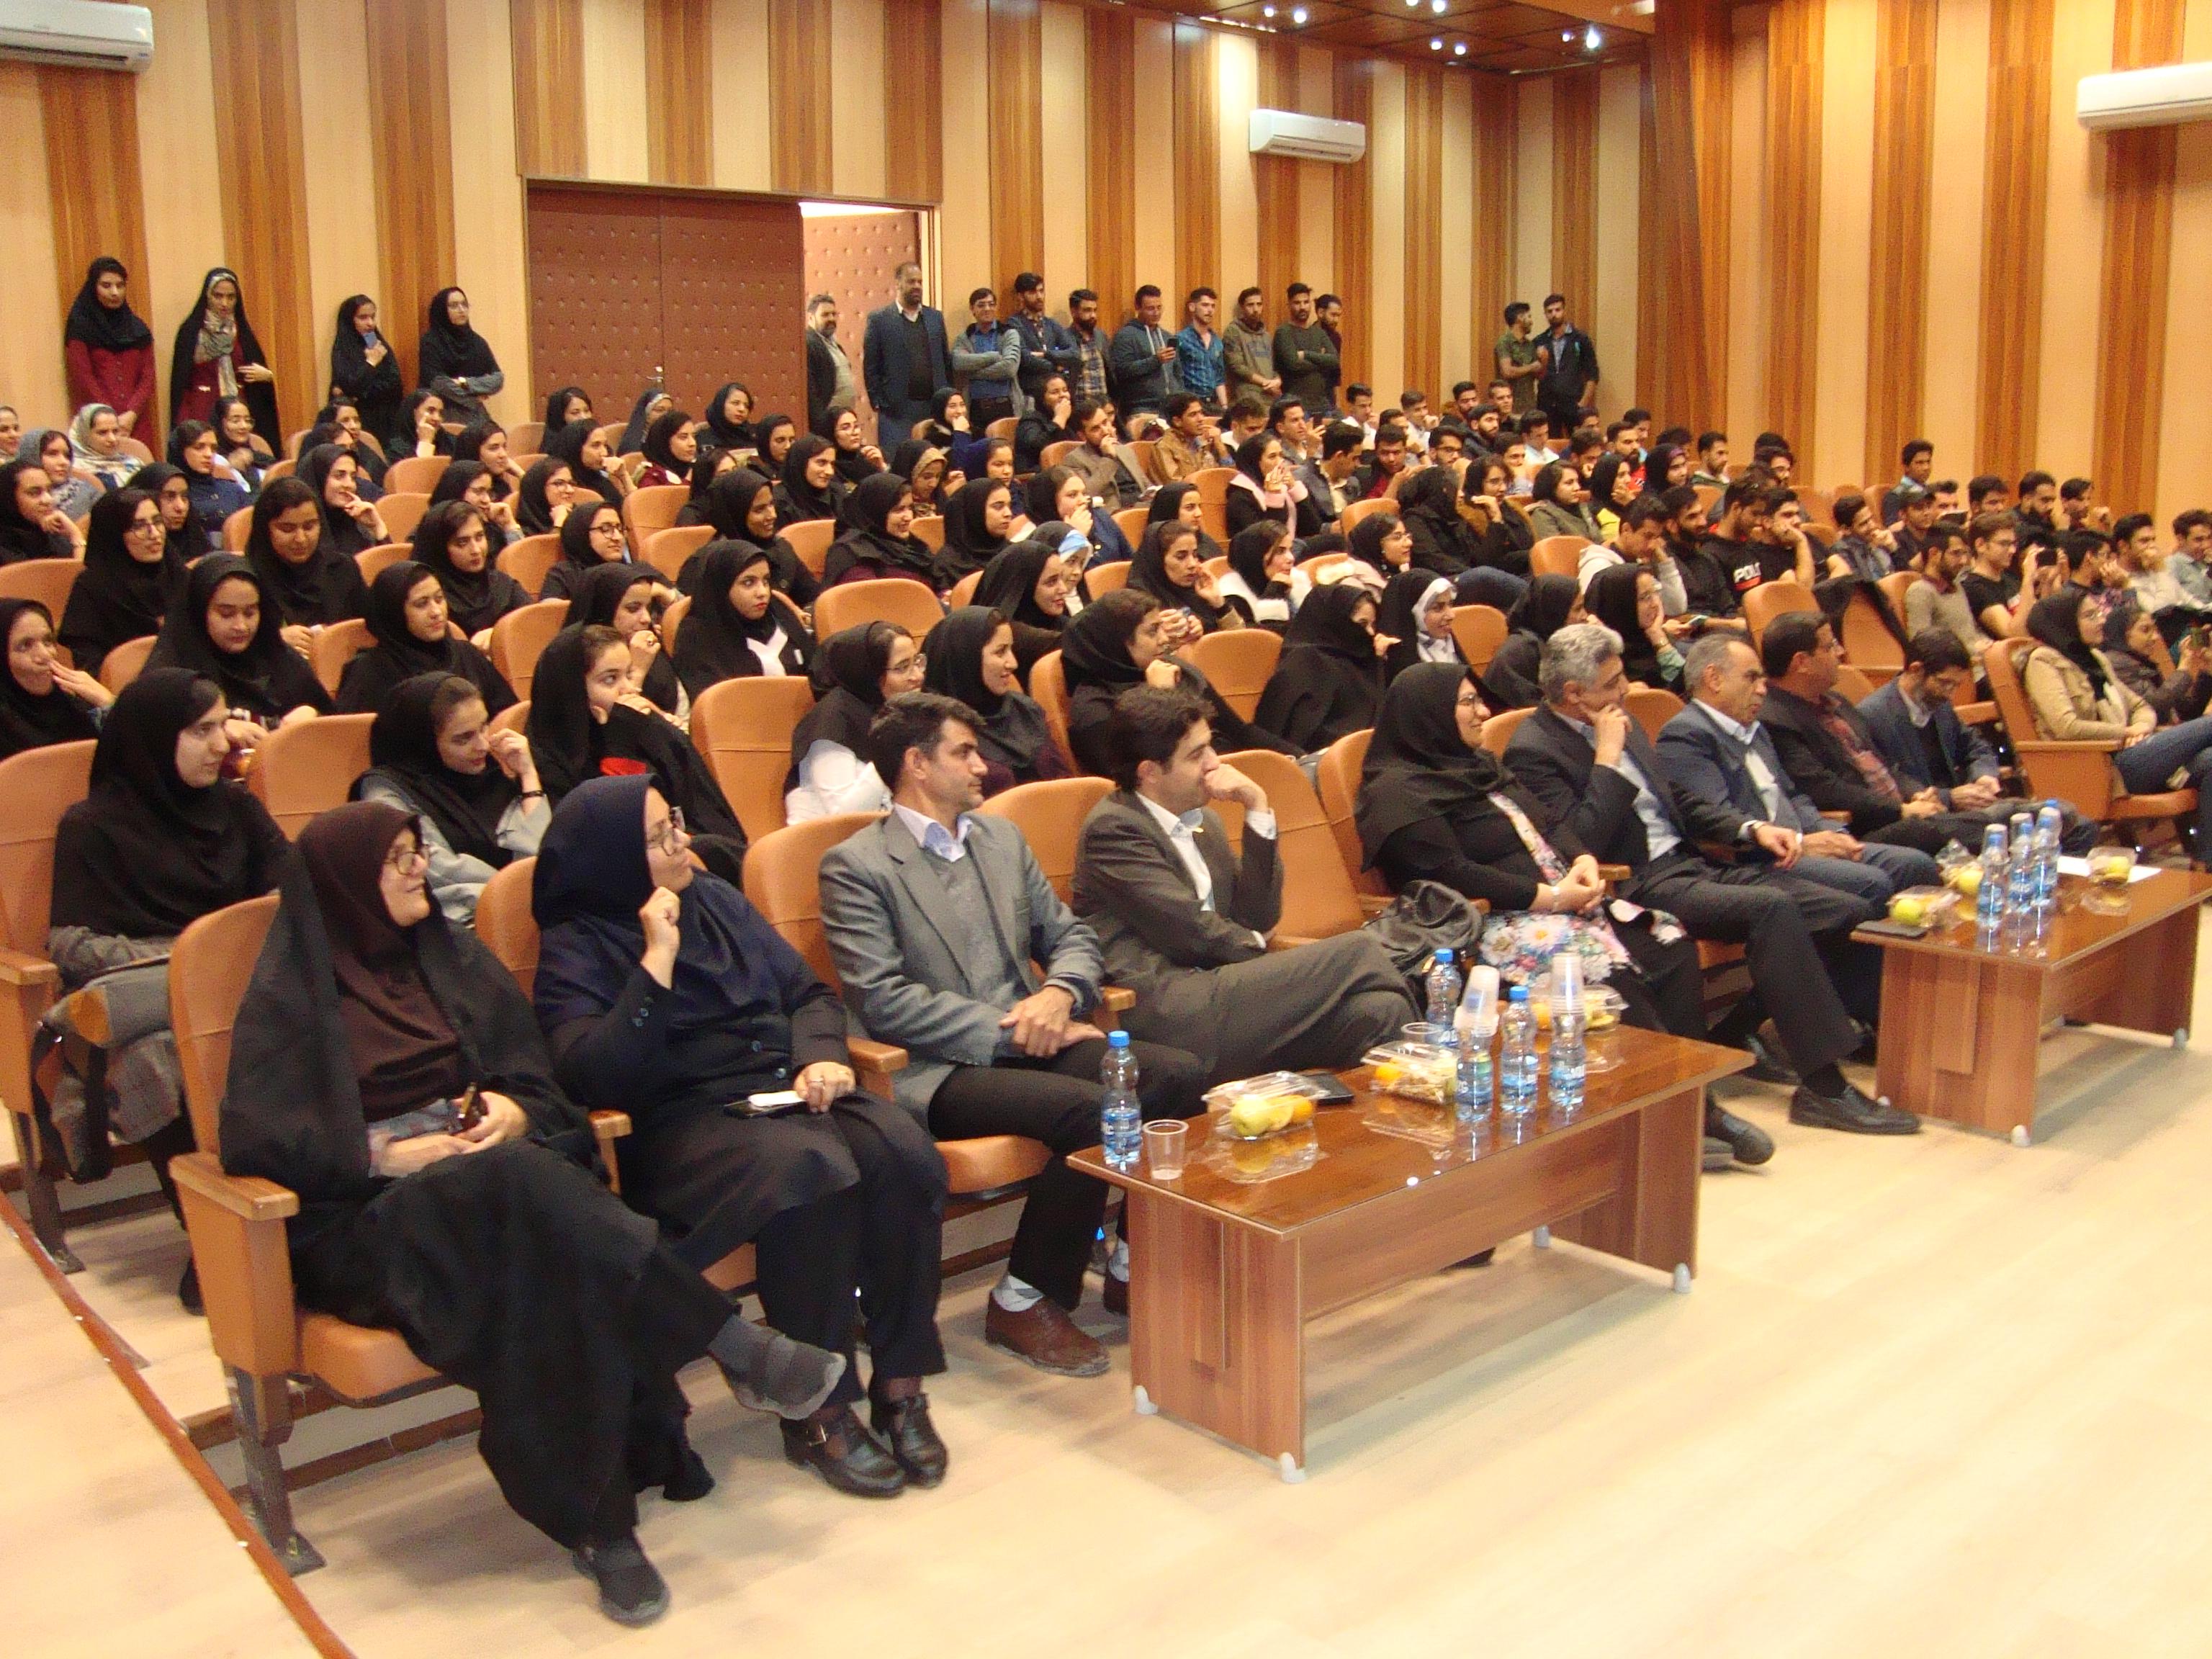 برگزاری جشن دانشجویی در مجتمع آموزش عالی زرند